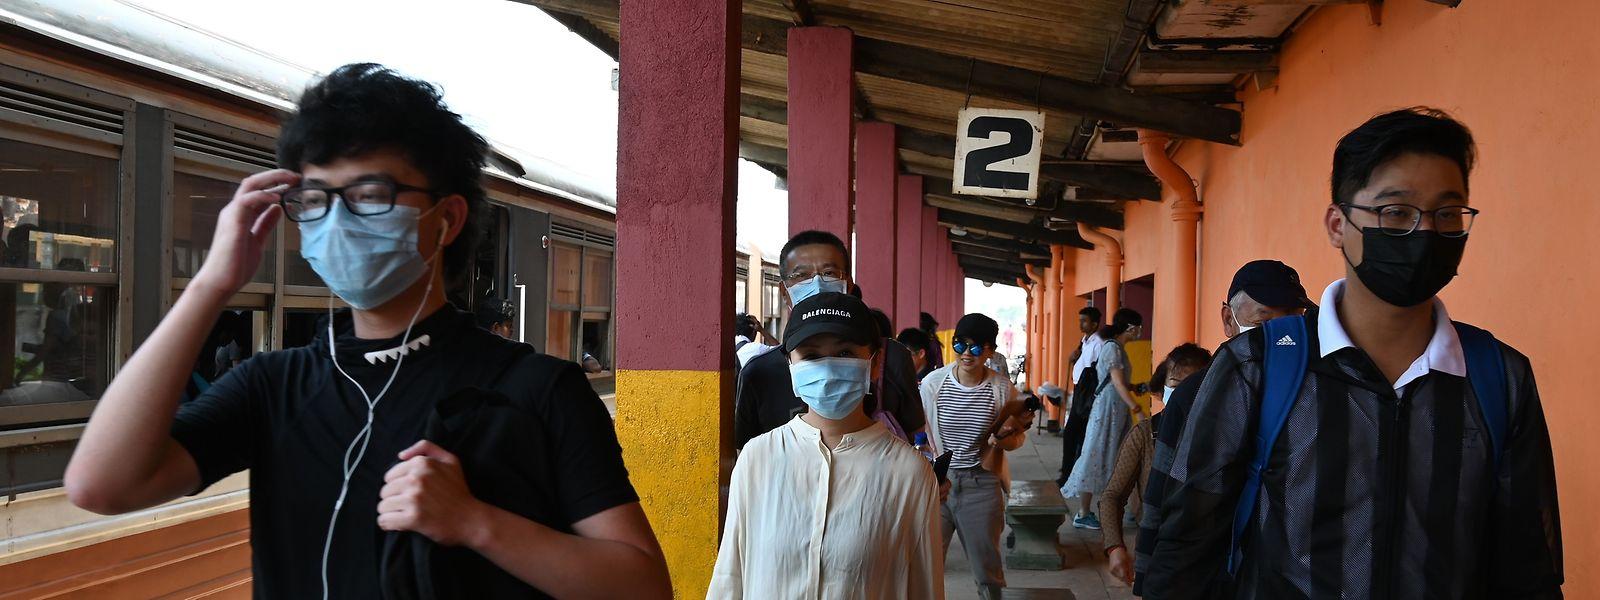 Près de 2.000 trains inter-provinciaux ont été annulés à travers toute la Chine.